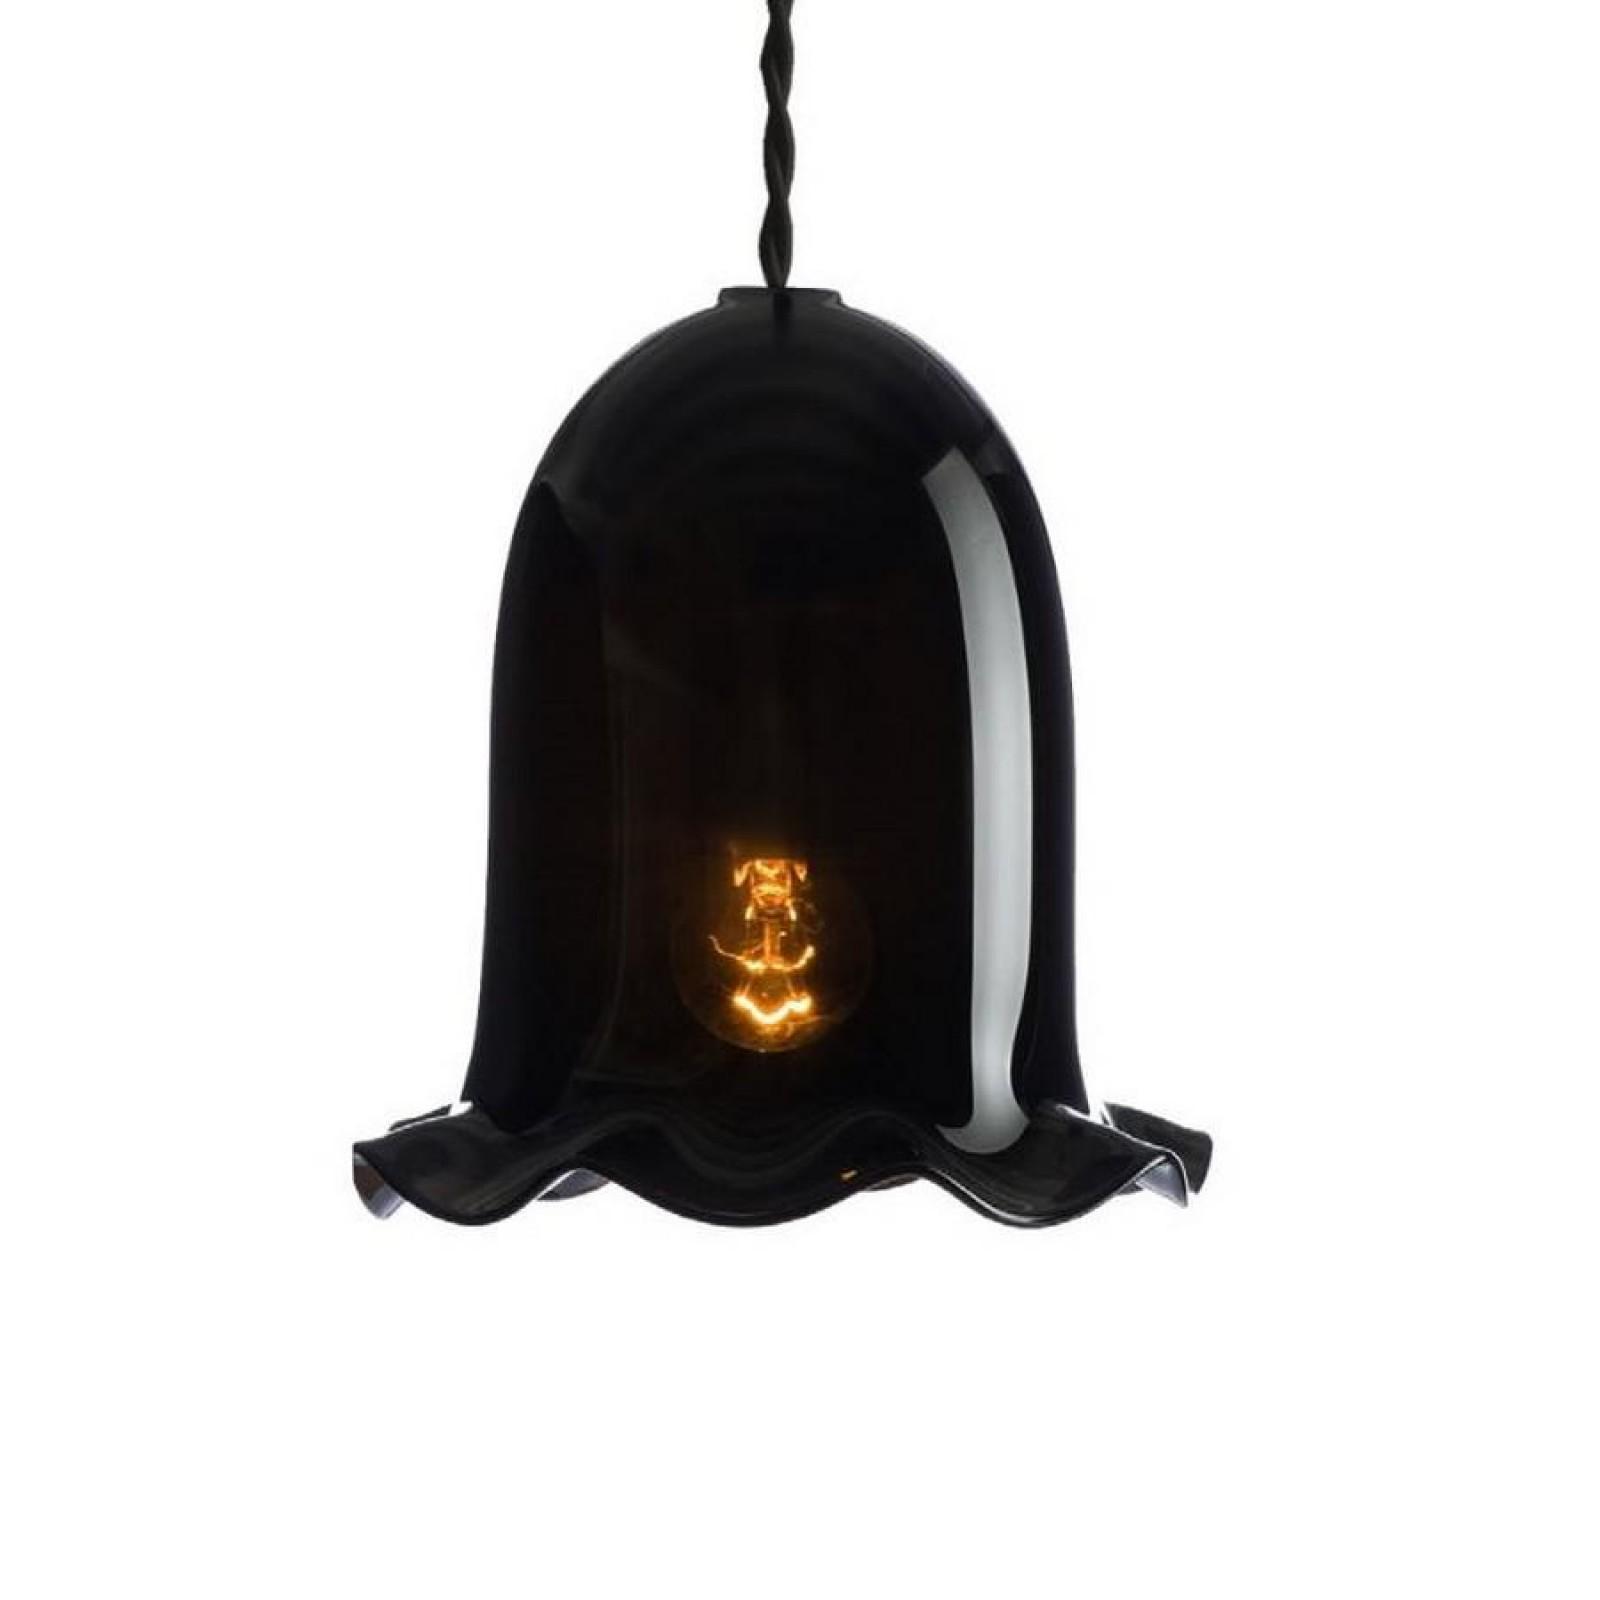 Φωτιστικό Οροφής Black Nouveau Bell - Rothschild & Bickers